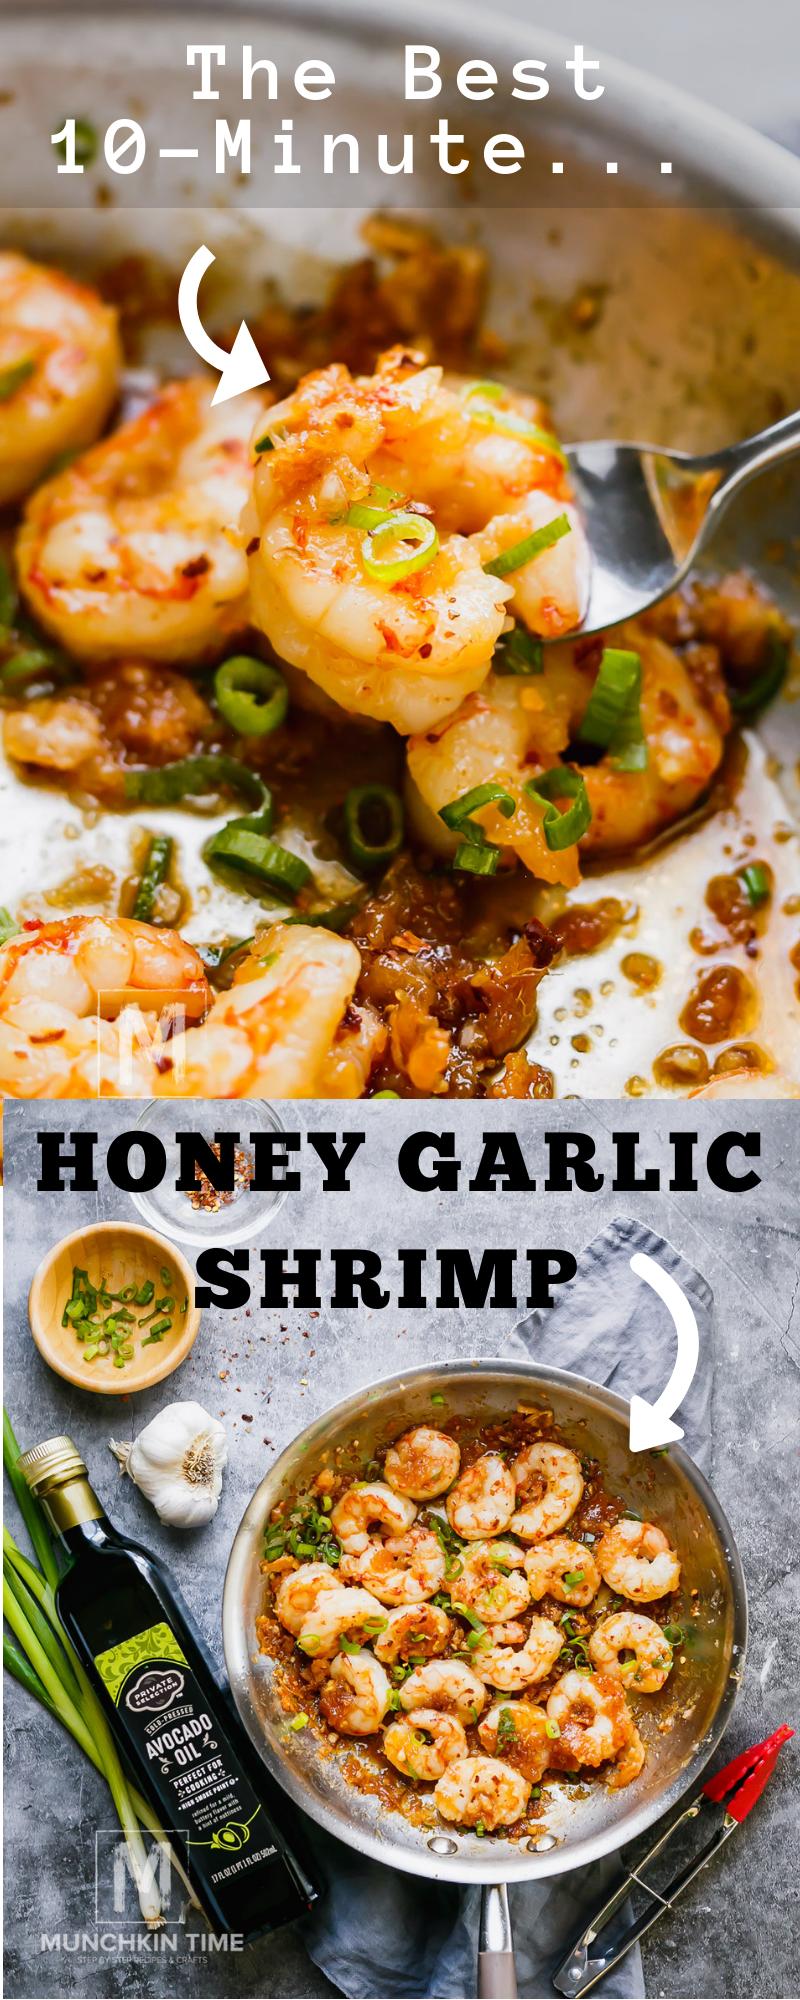 10-minute Shrimp Recipe #garlicshrimprecipes